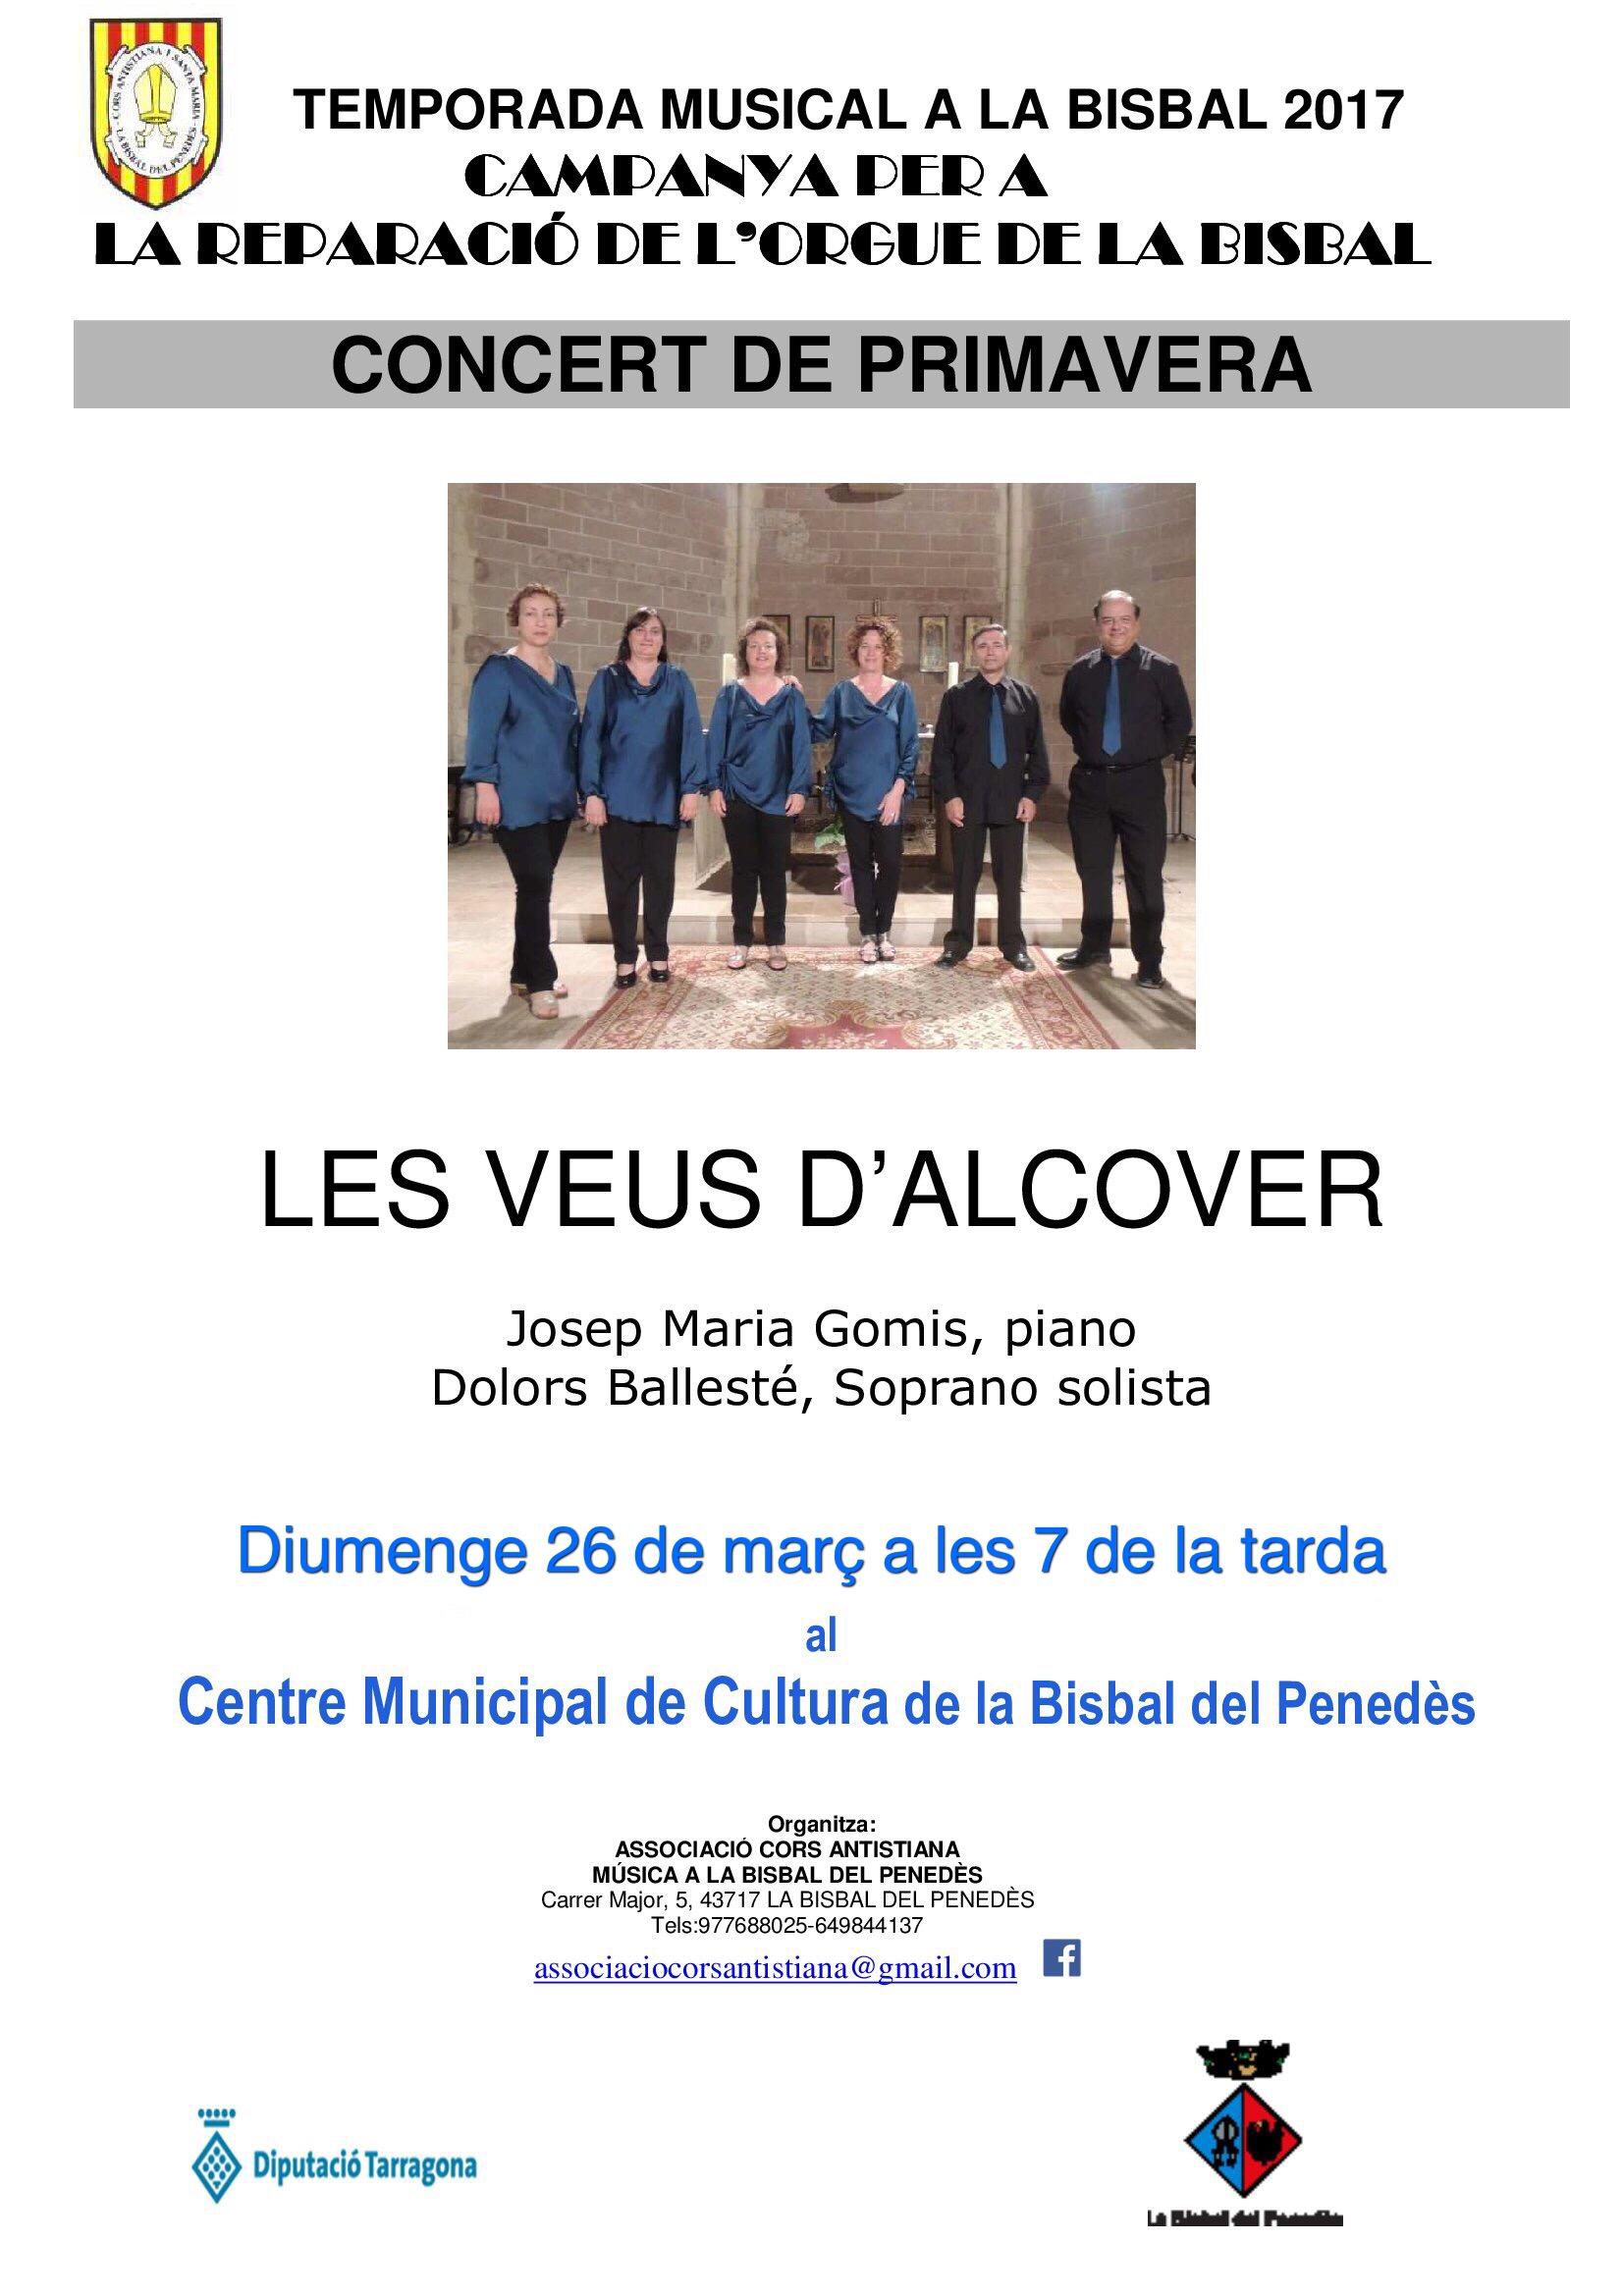 Aquest diumenge hi ha concert al CMC amb Les Veus d'Alcover.